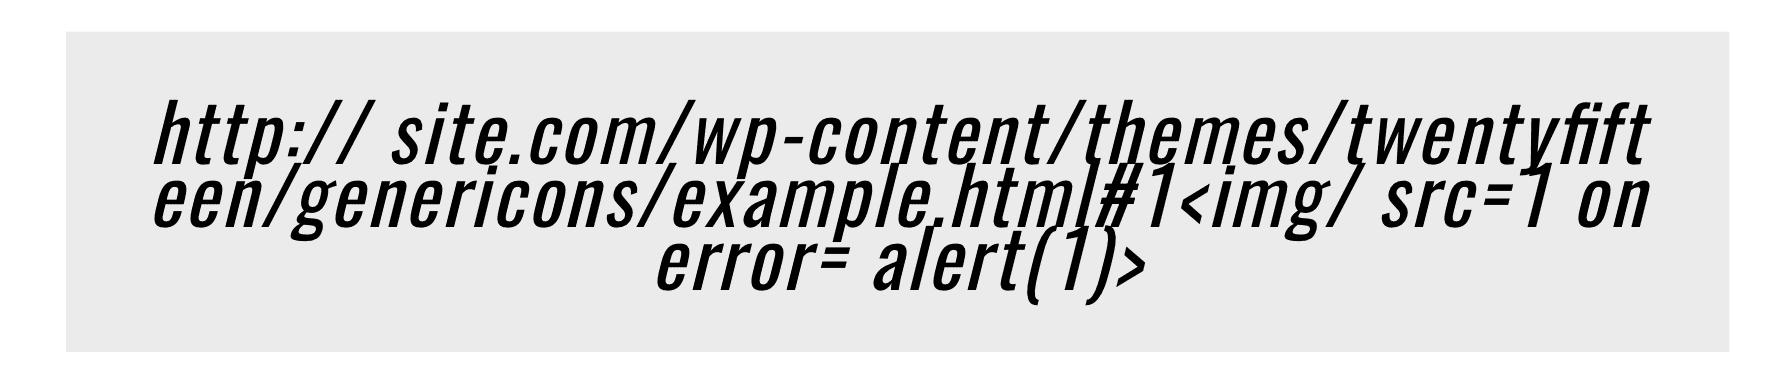 Dopo aver inserito questo URL è apparso un avviso javascript. Questa è la prova che il codice javascript inserito potrebbe essere utilizzato per manipolare la rispettiva pagina.